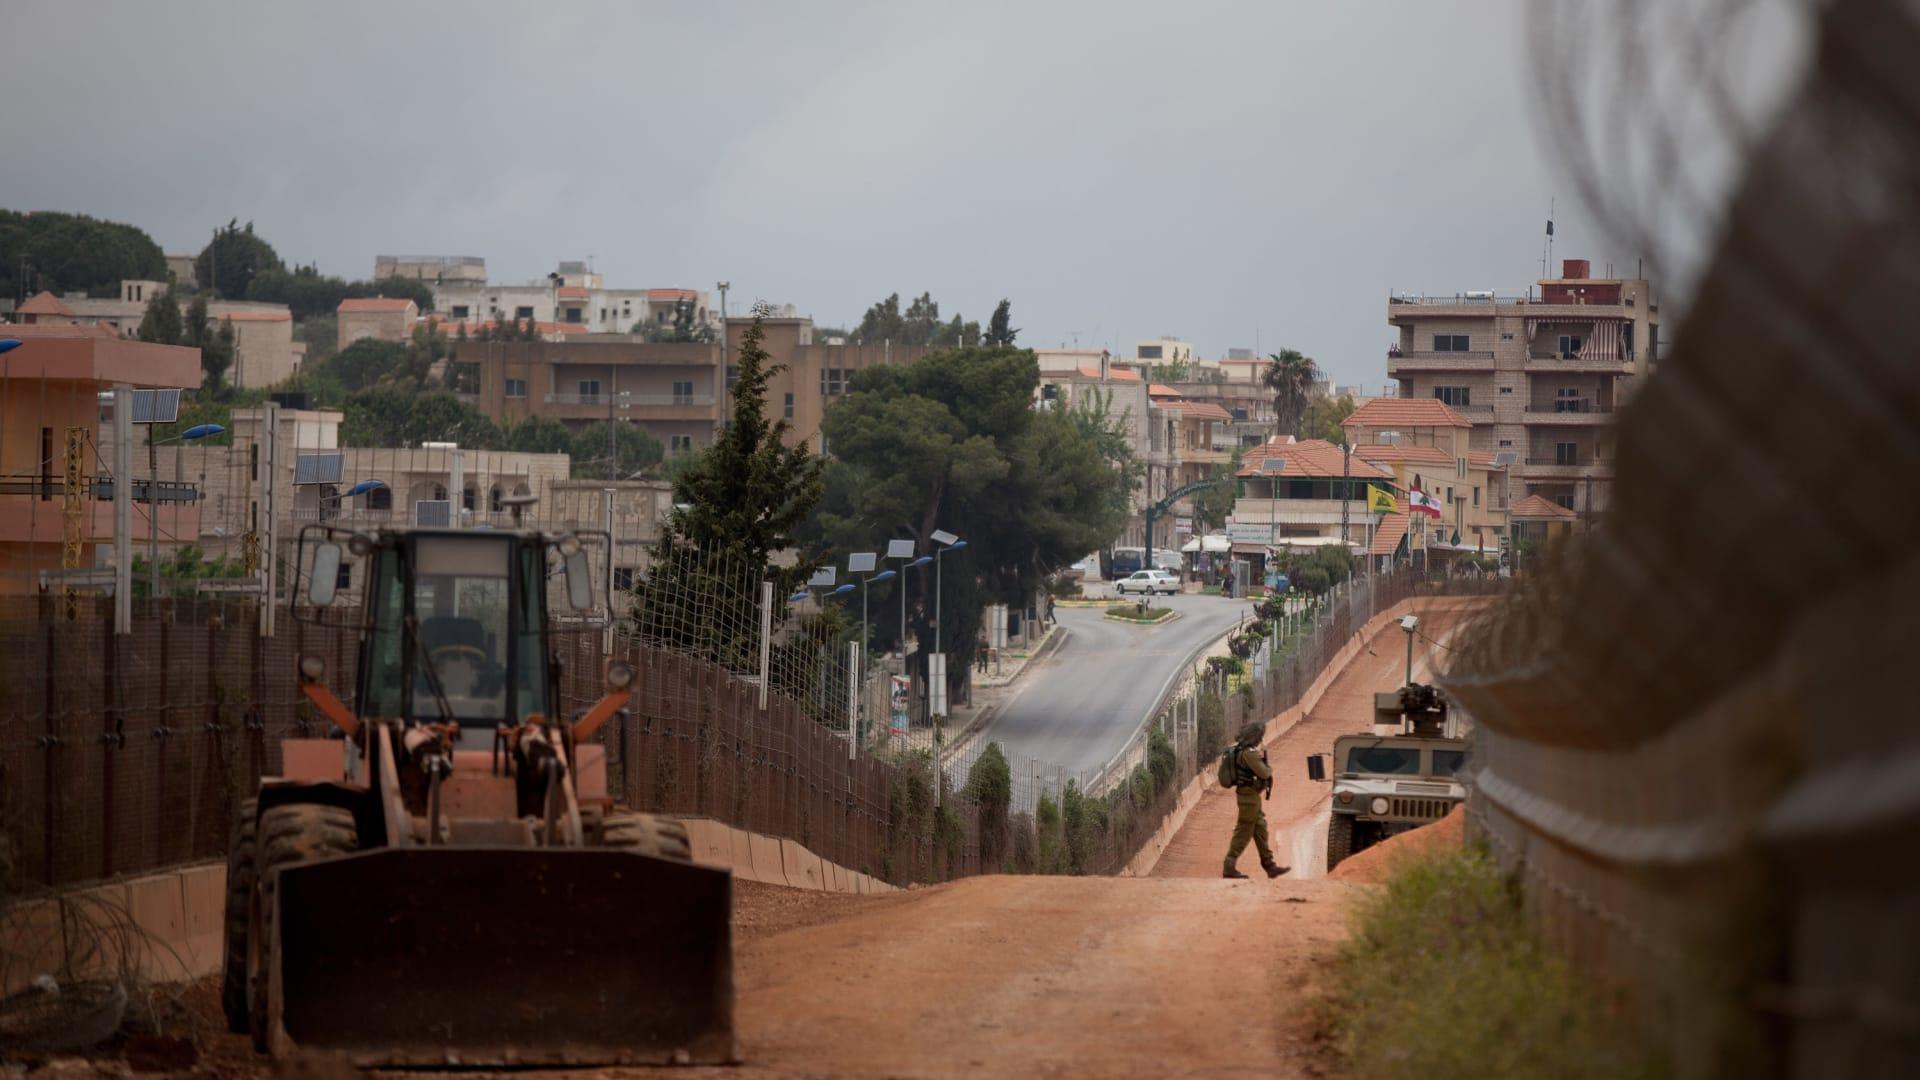 كيف يُحارب هذا الشخص زواج القاصرات في لبنان؟